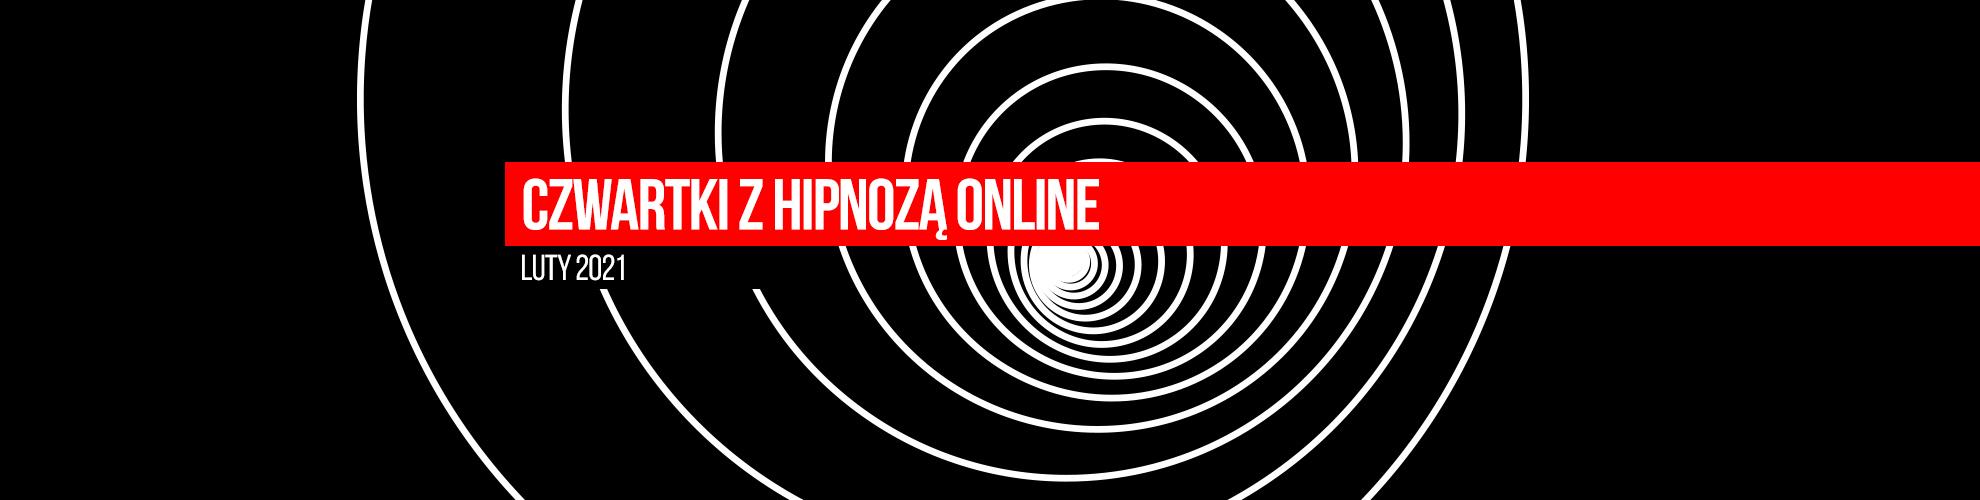 CZWARTKI-Z-HIPNOZA-DUZY-2